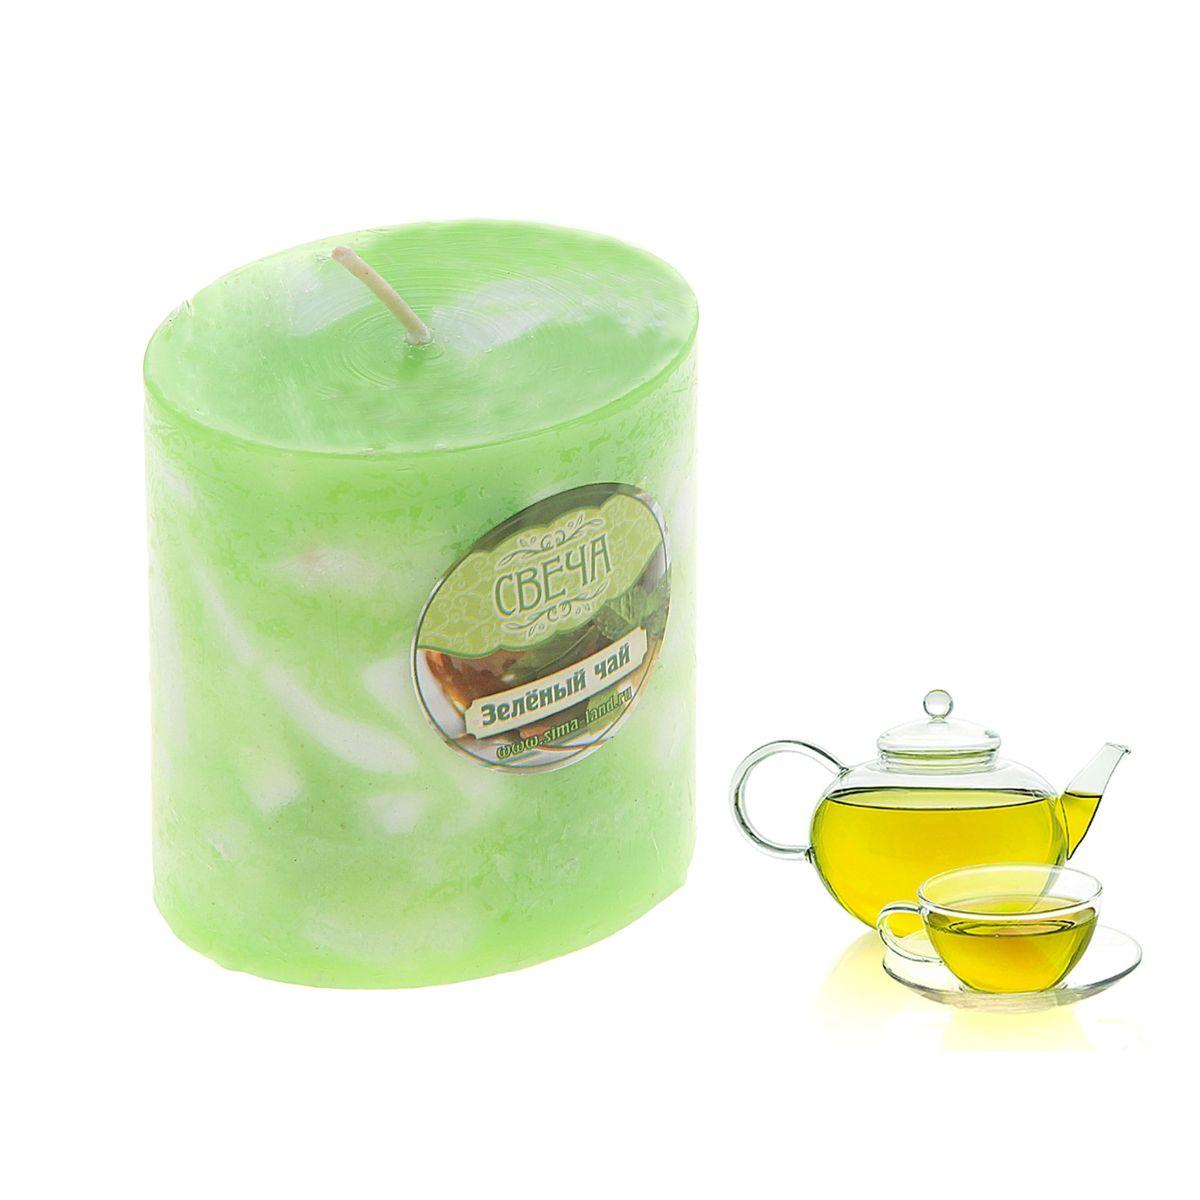 Свеча ароматизированная Sima-land Слияние, с ароматом зеленого чая, цвет: салатовый, белый, высота 7 см849520Ароматизированная свеча Sima-land Слияние изготовлена из воска. Изделие отличается оригинальным дизайном и приятным ароматом зеленого чая. Свеча Sima-land Слияние - это прекрасный выбор для тех, кто хочет сделать запоминающийся презент родным и близким. Она поможет создать атмосферу праздника. Такой подарок запомнится надолго.